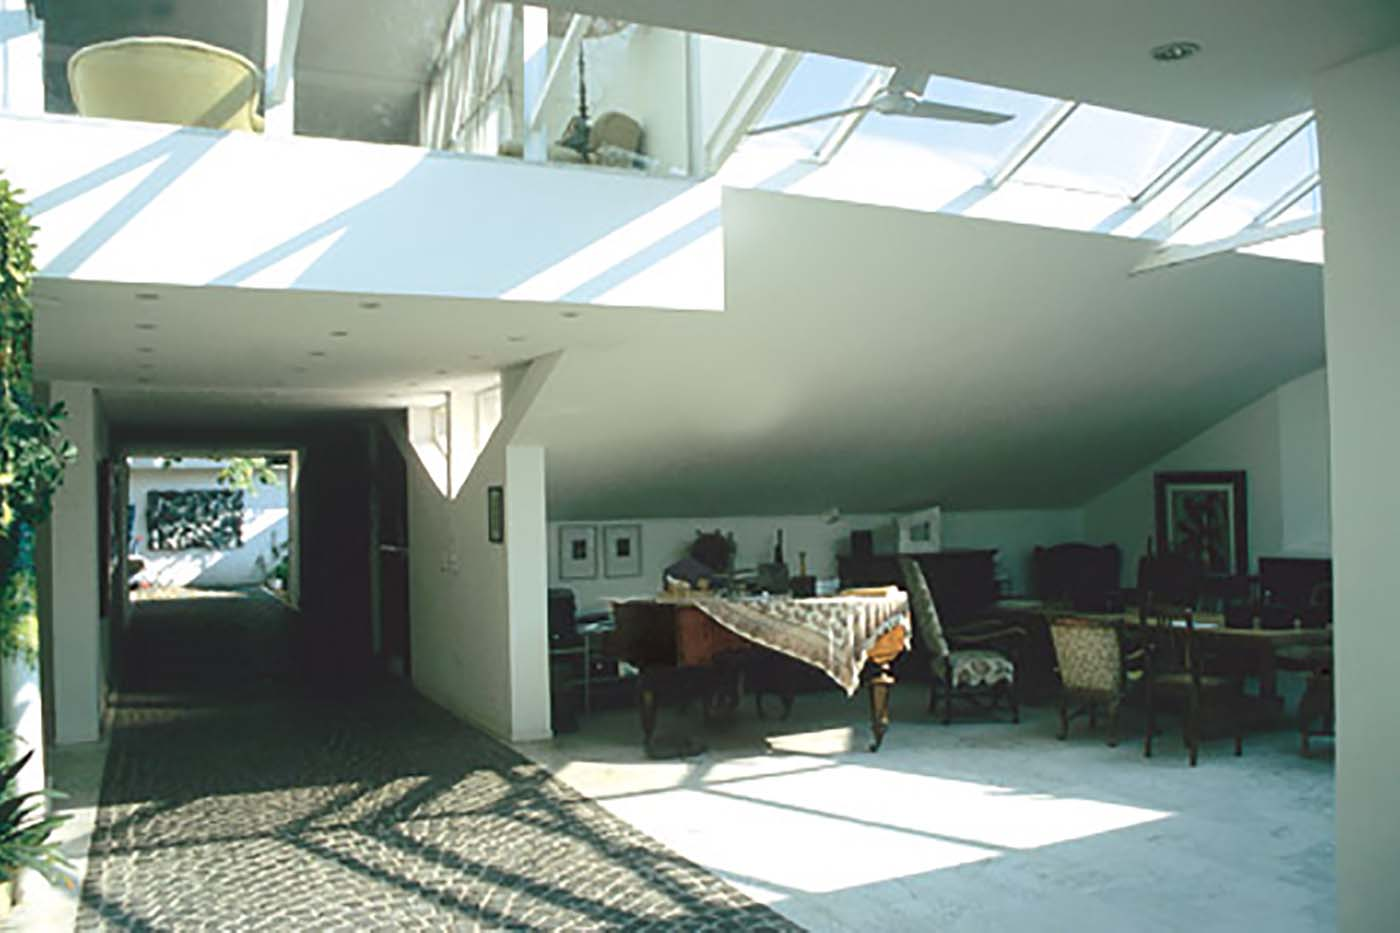 z33_Internationales Kuenstlerzentrum 695 [1989]